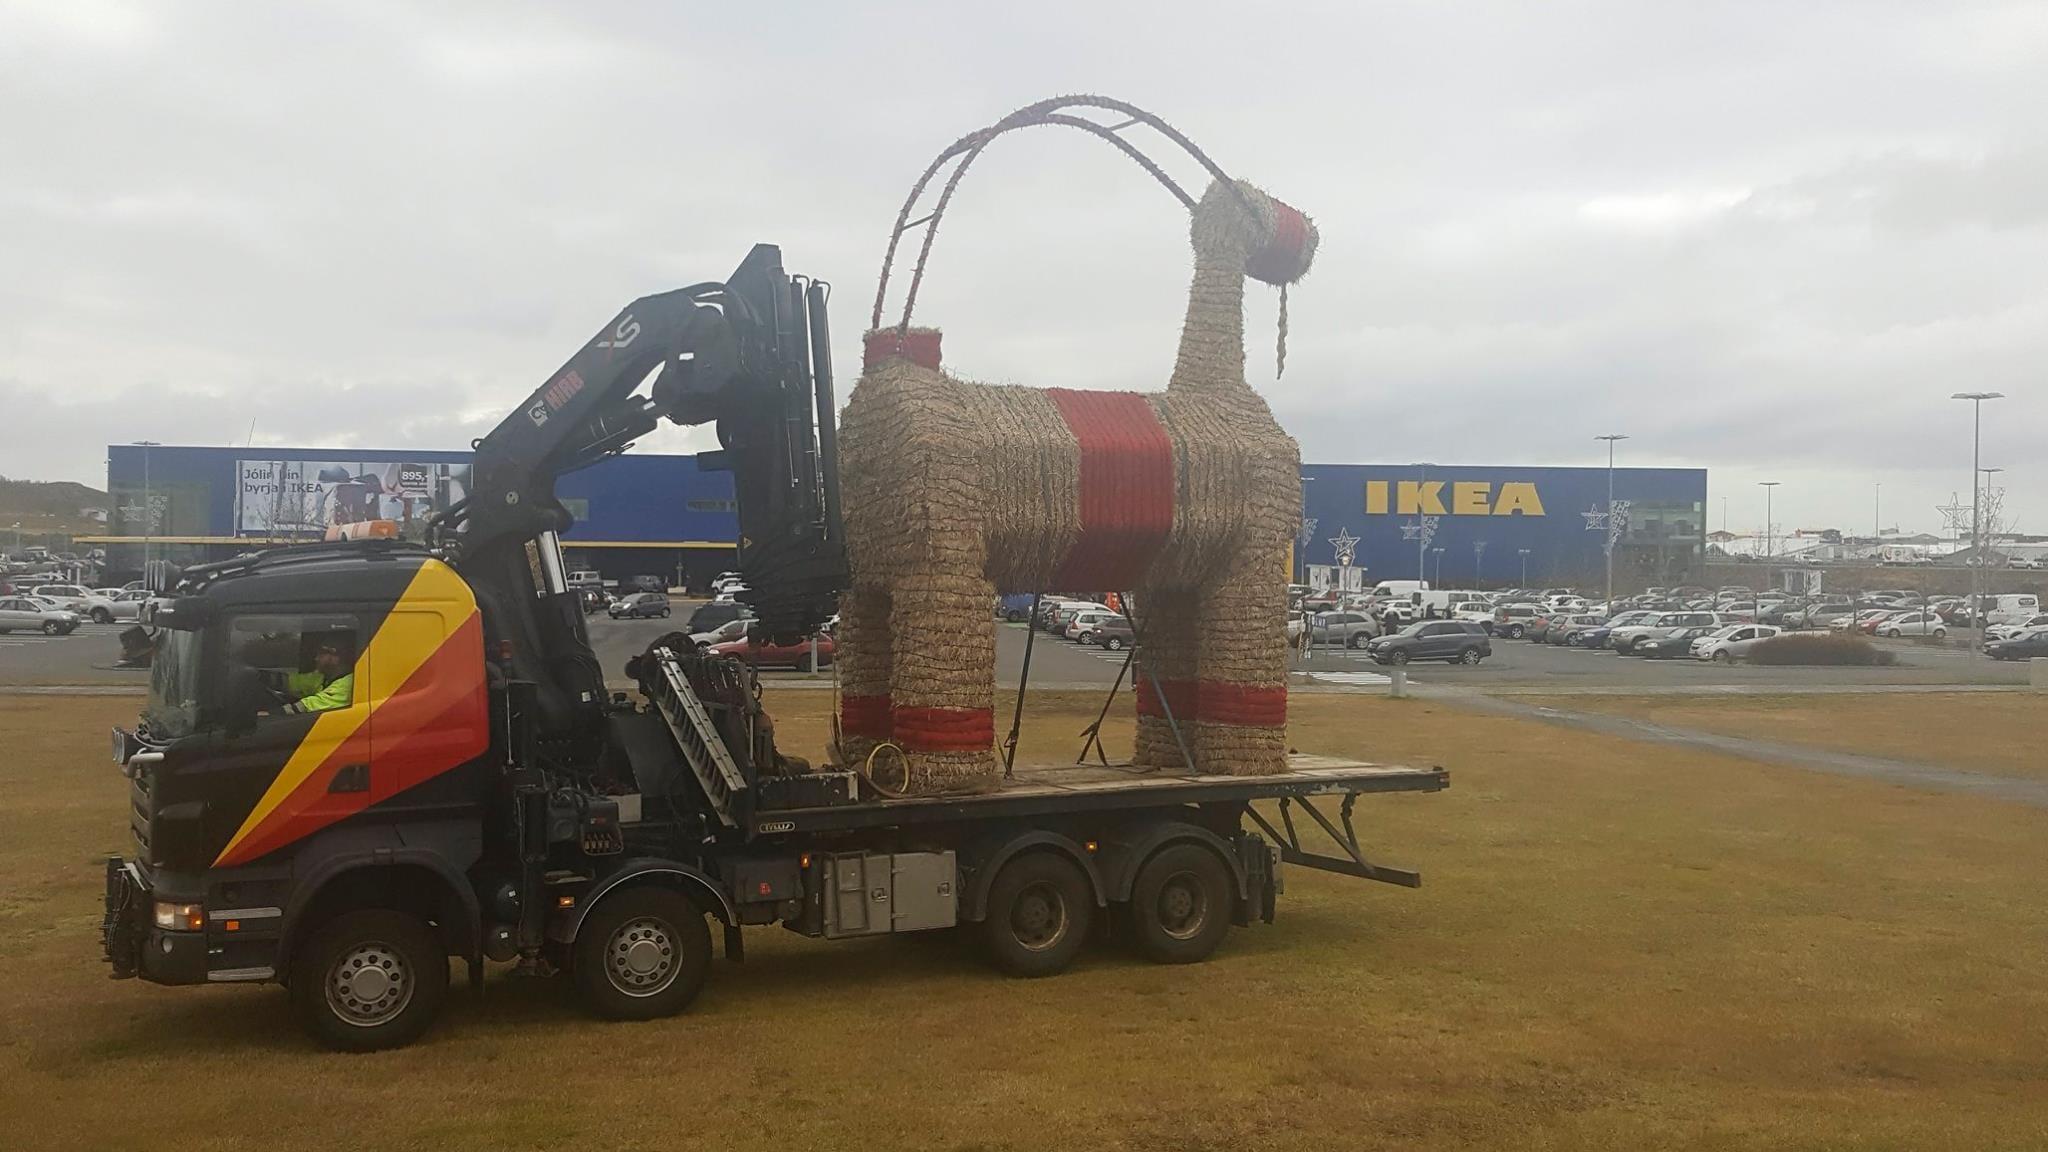 IKEA-geitin brann til kaldra kola í nótt